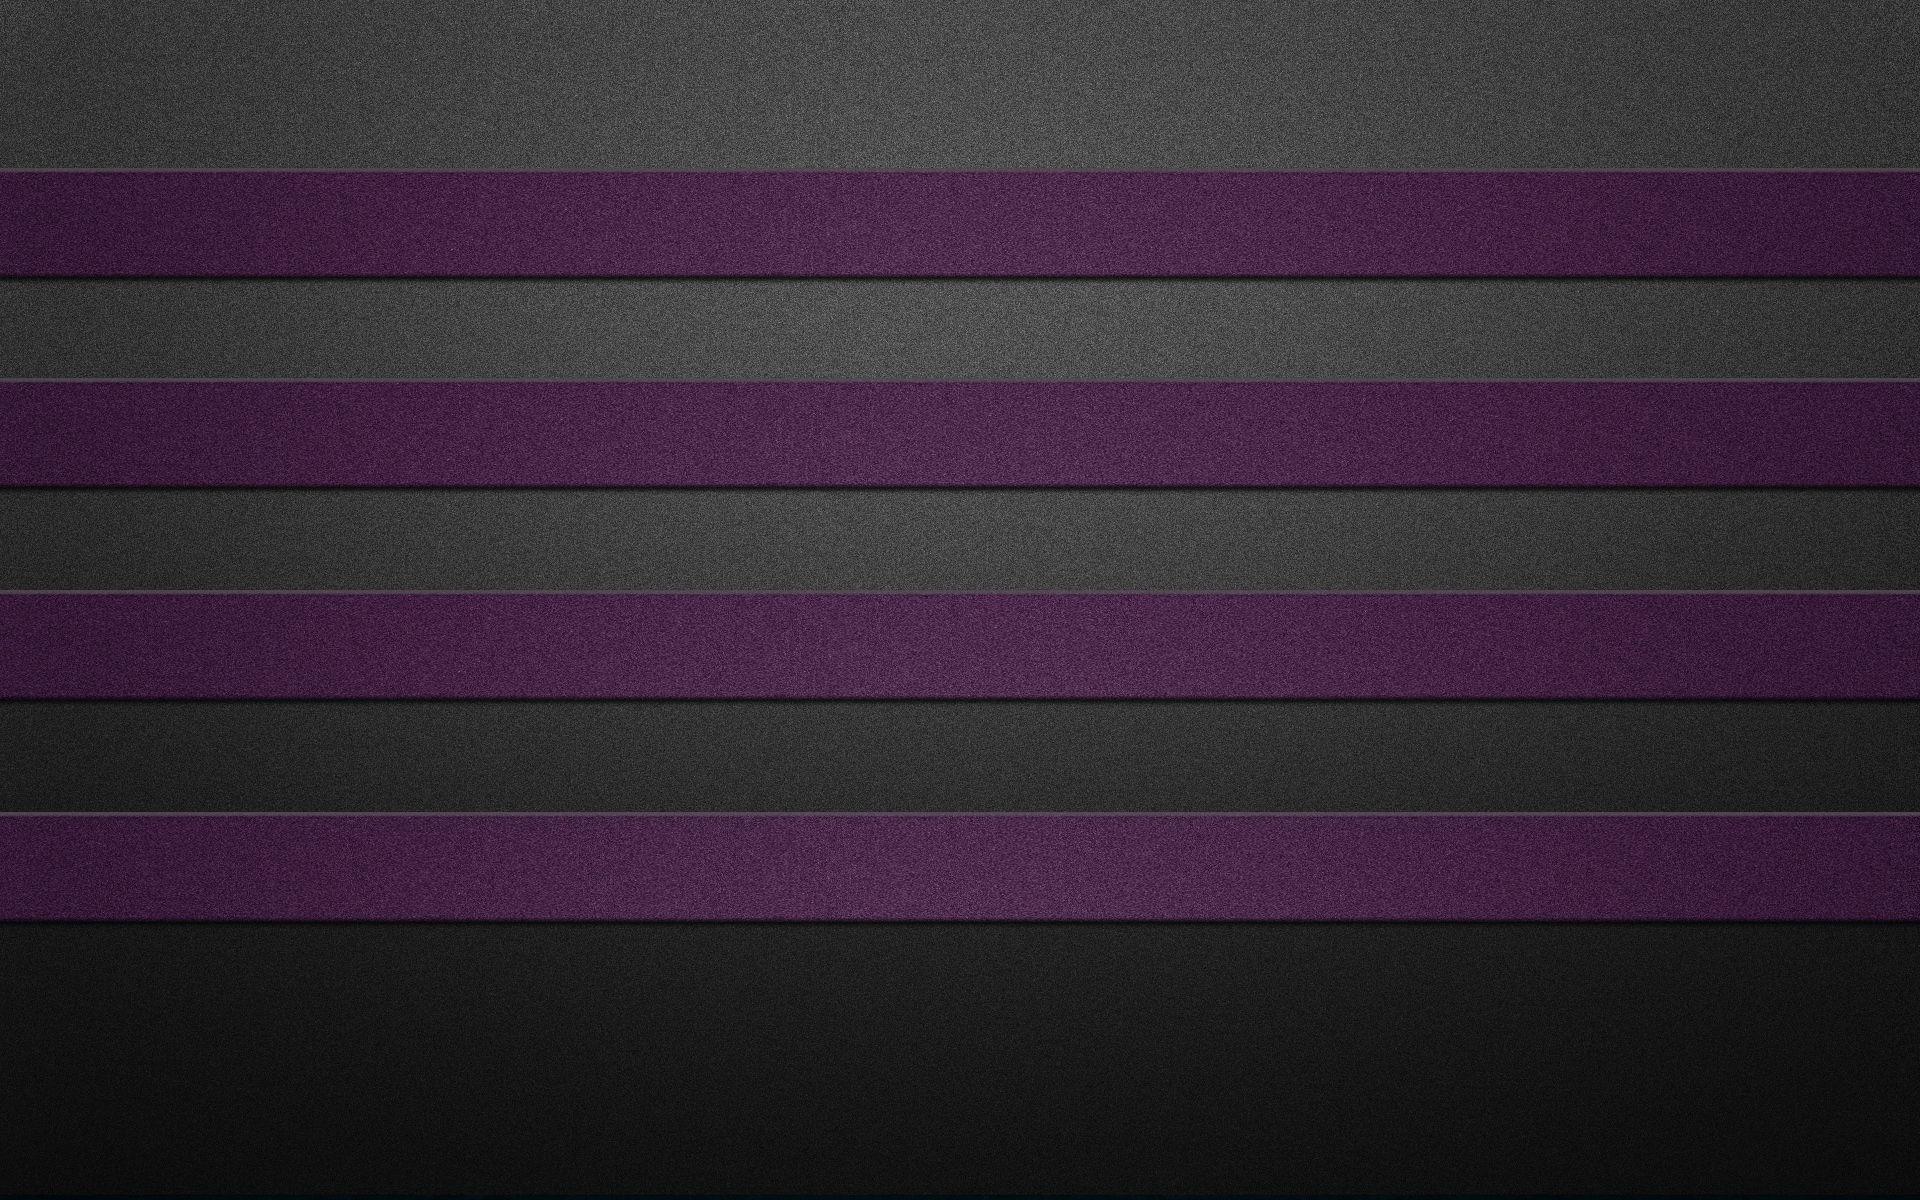 122667 baixar papel de parede Texturas, Textura, Listras, Estrias, Quatro, Roxo, Violeta, Preto E Branco, Preto-E-Branco - protetores de tela e imagens gratuitamente